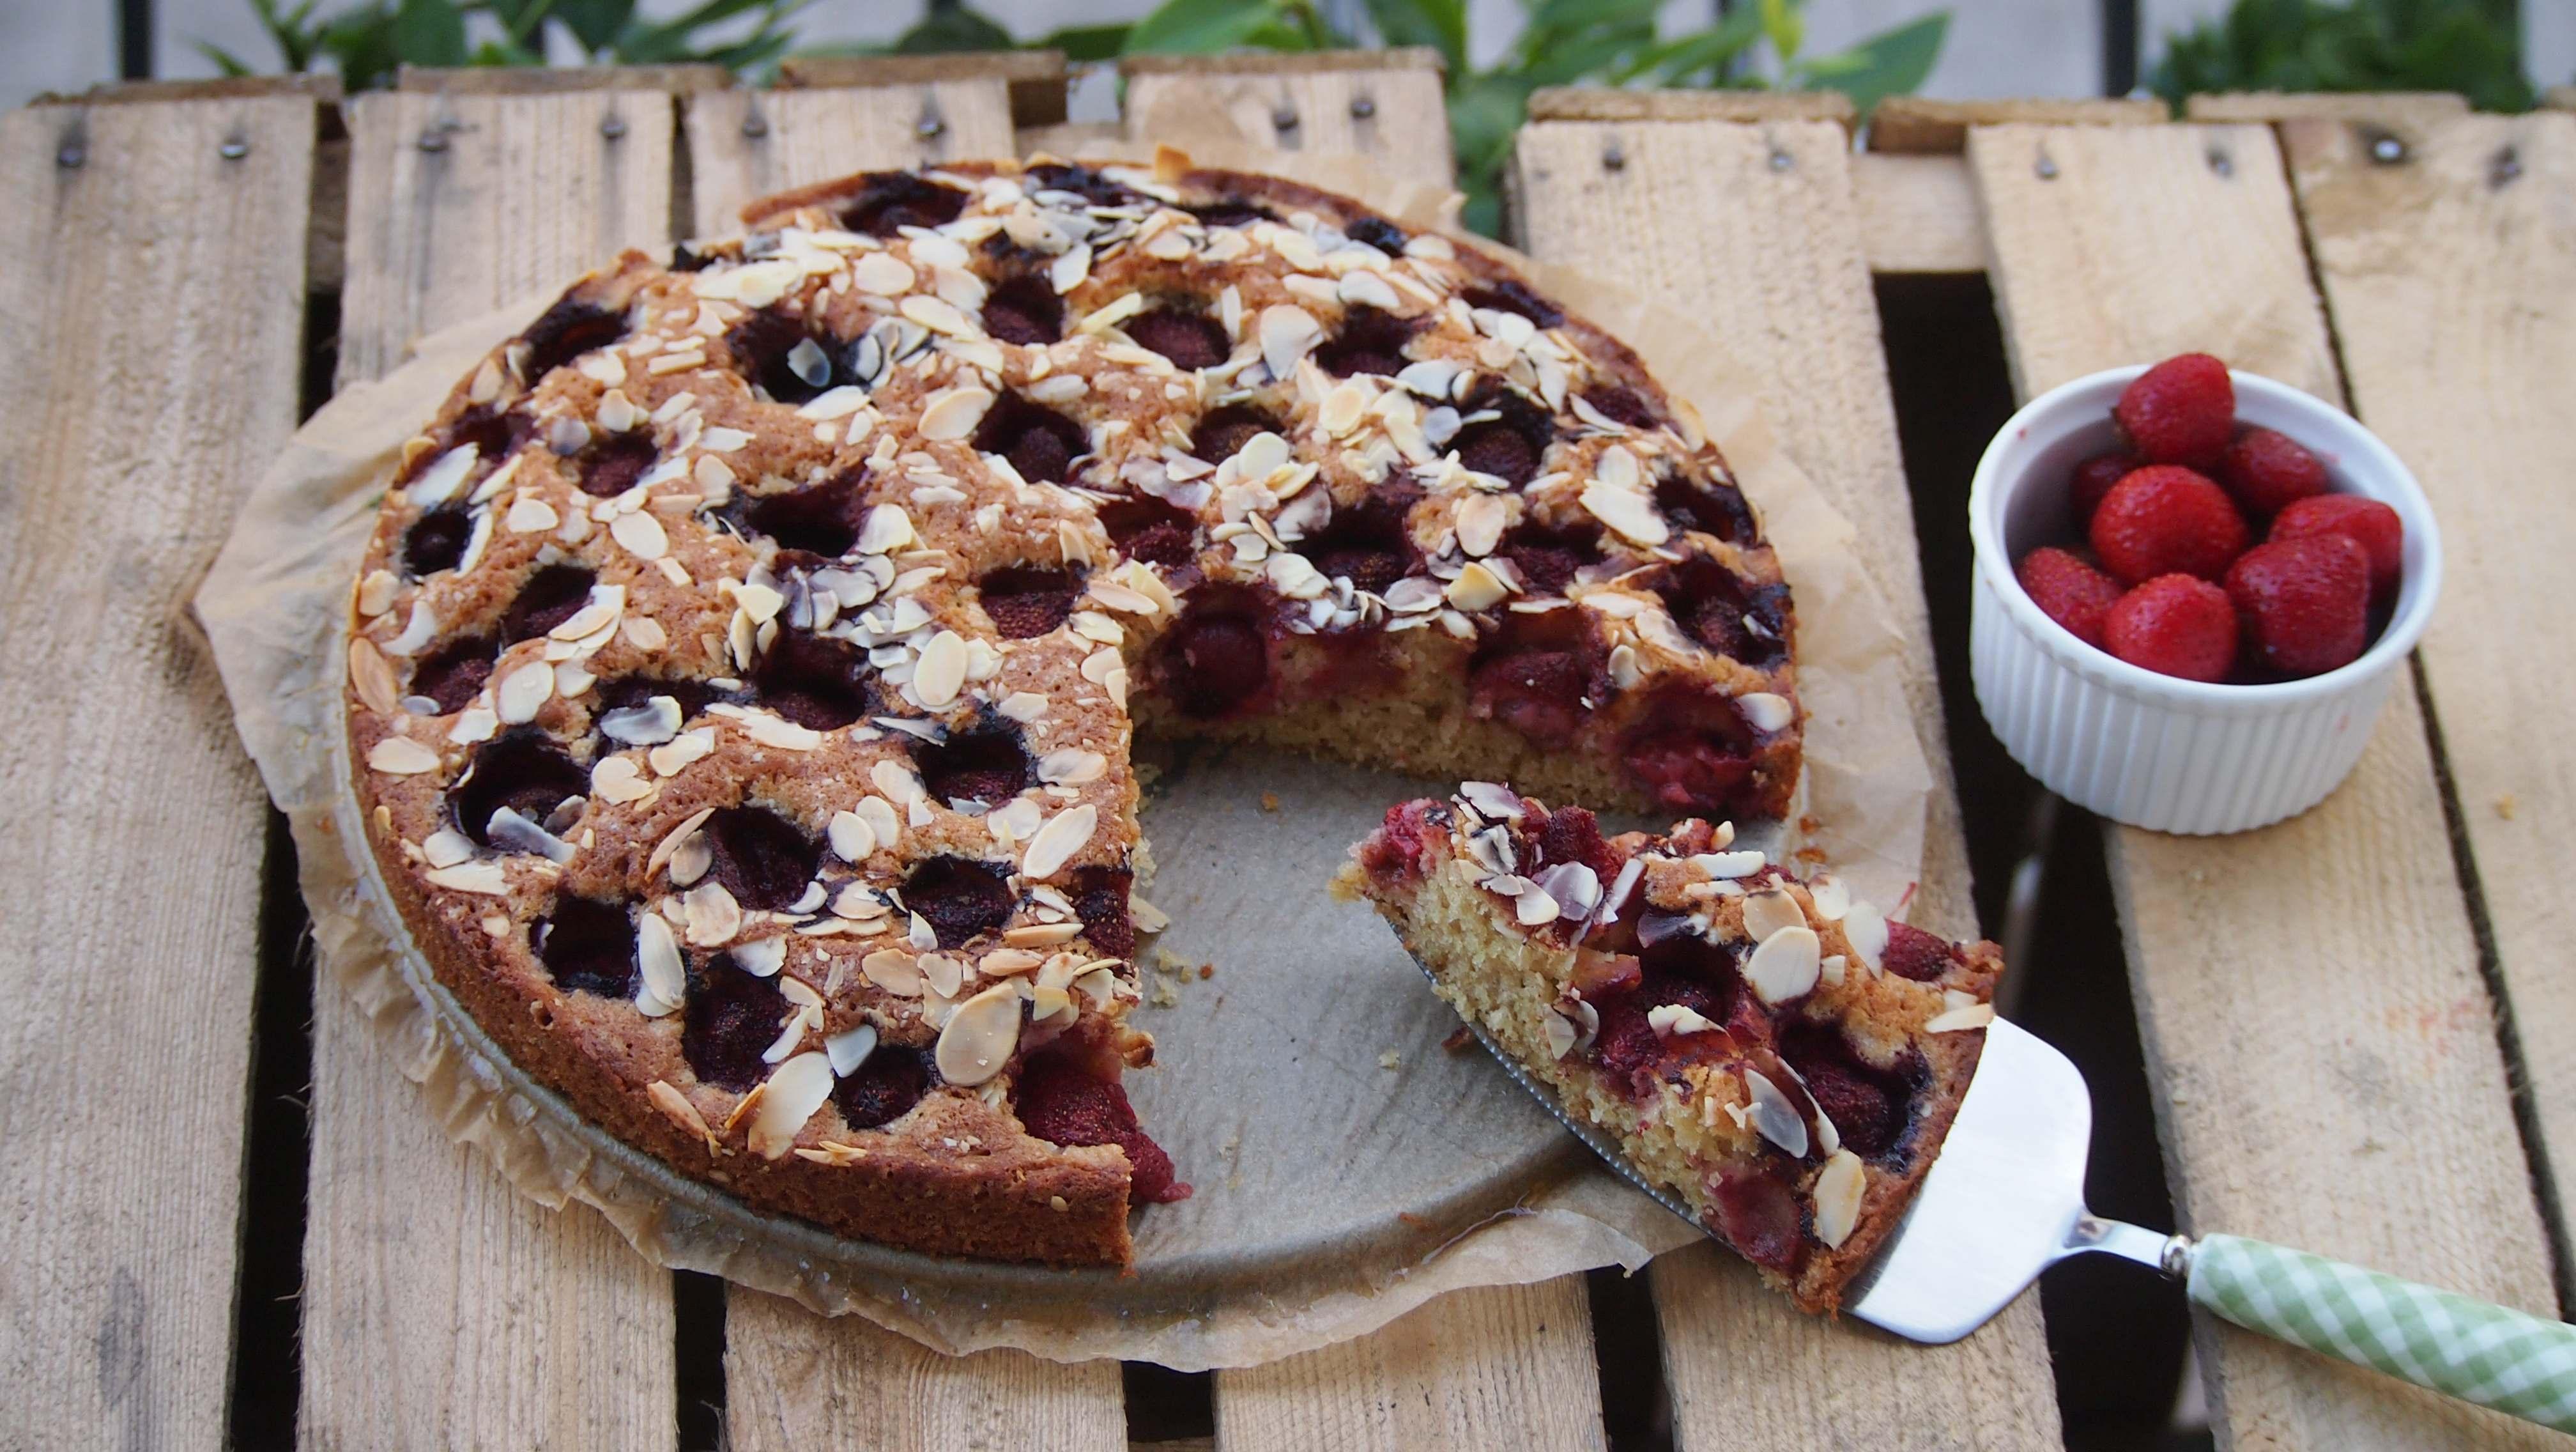 łatwe ucierane ciasto z owocami